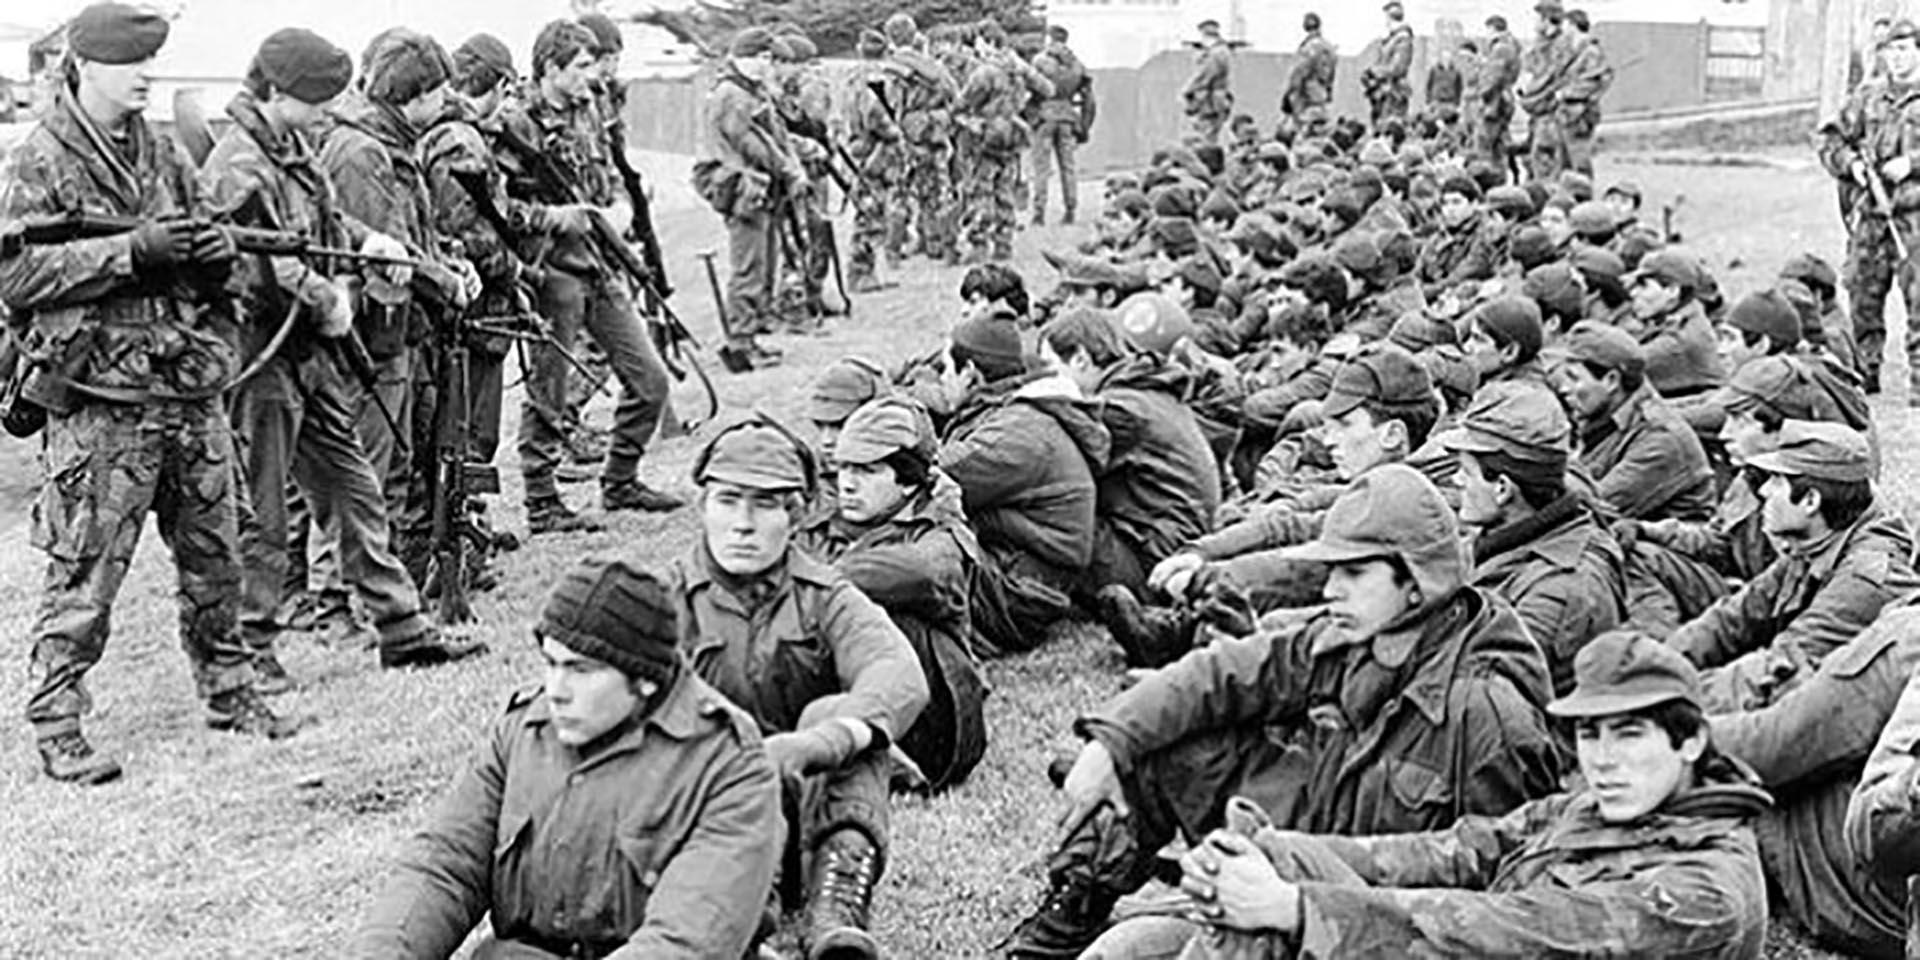 Más allá de la derrota hubo muchos oficiales, suboficiales y soldados que dieron muestra de extraordinario valor y liderazgo en condicionesextremas